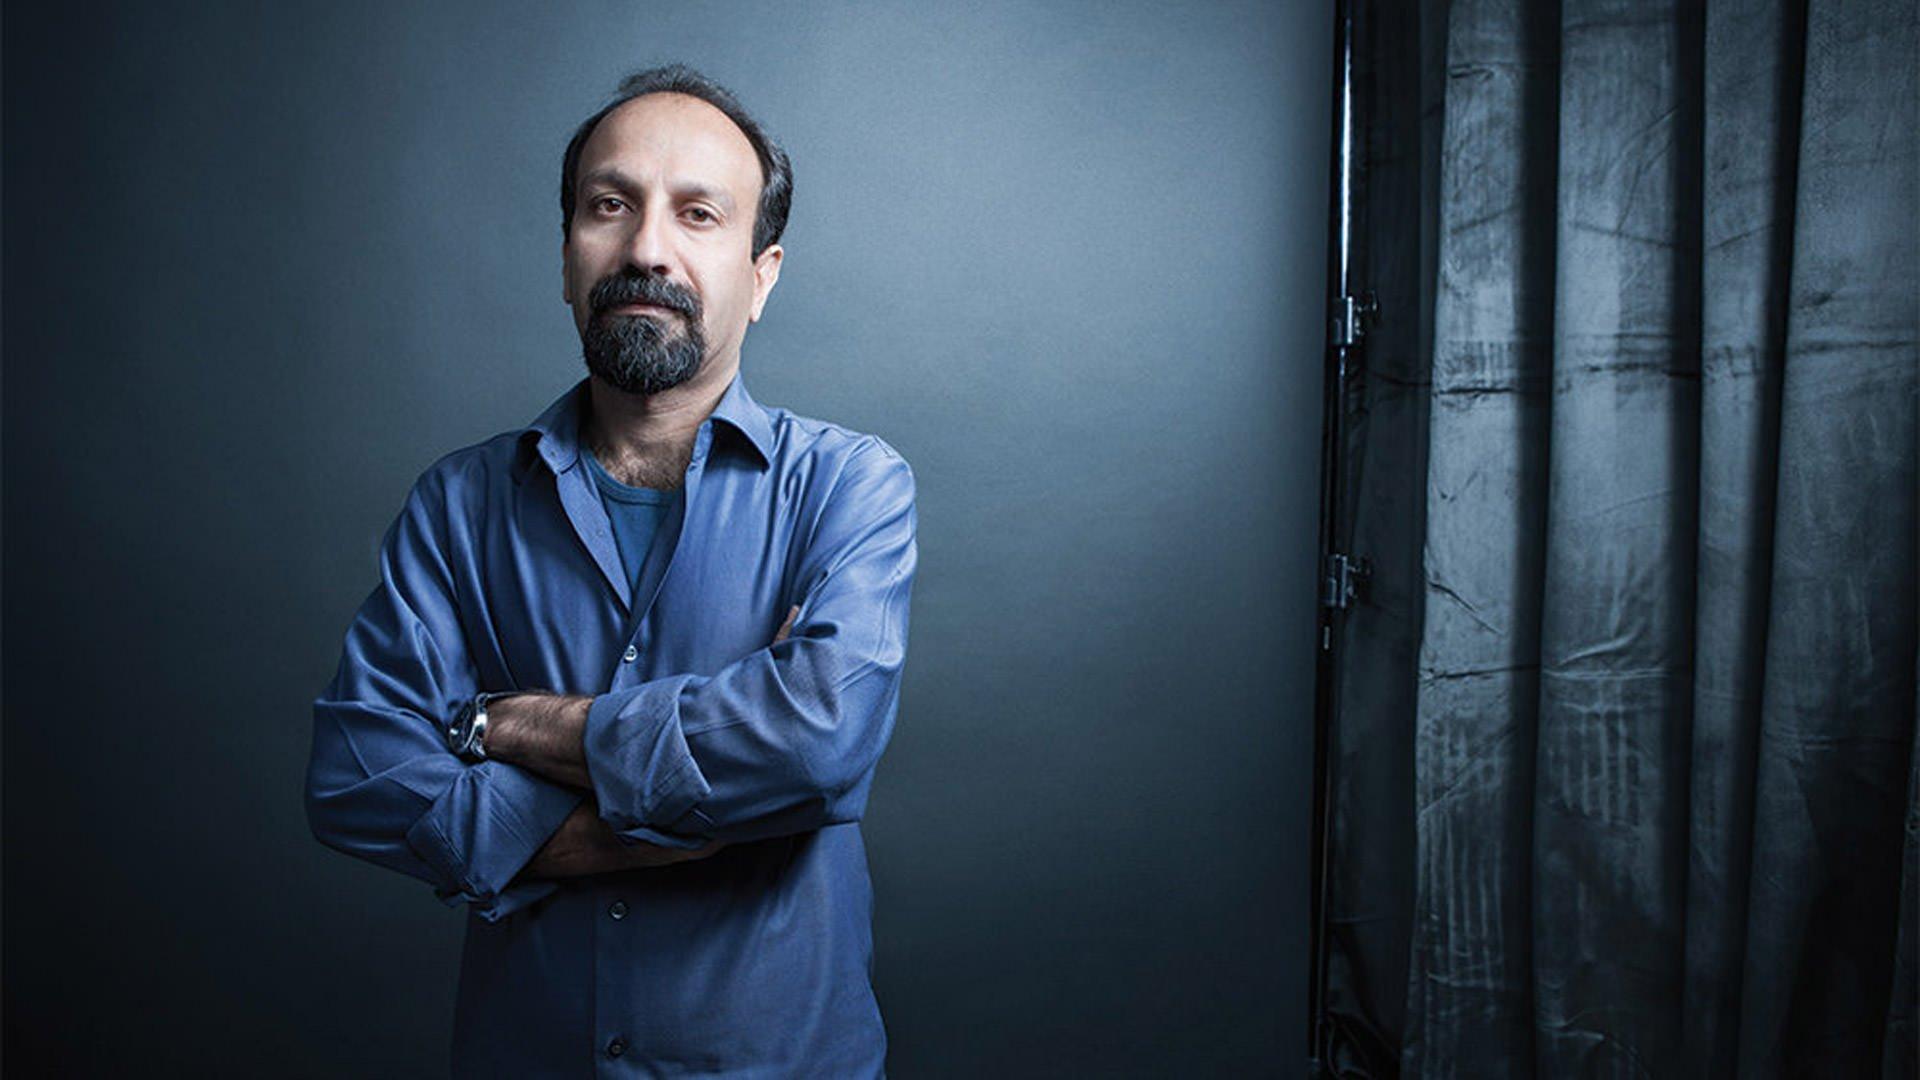 فیلم قهرمان اصغر فرهادی احتمالا به جشنواره فجر ۳۹ نرسد؛ اعلام شرایط برگزاری جشنواره